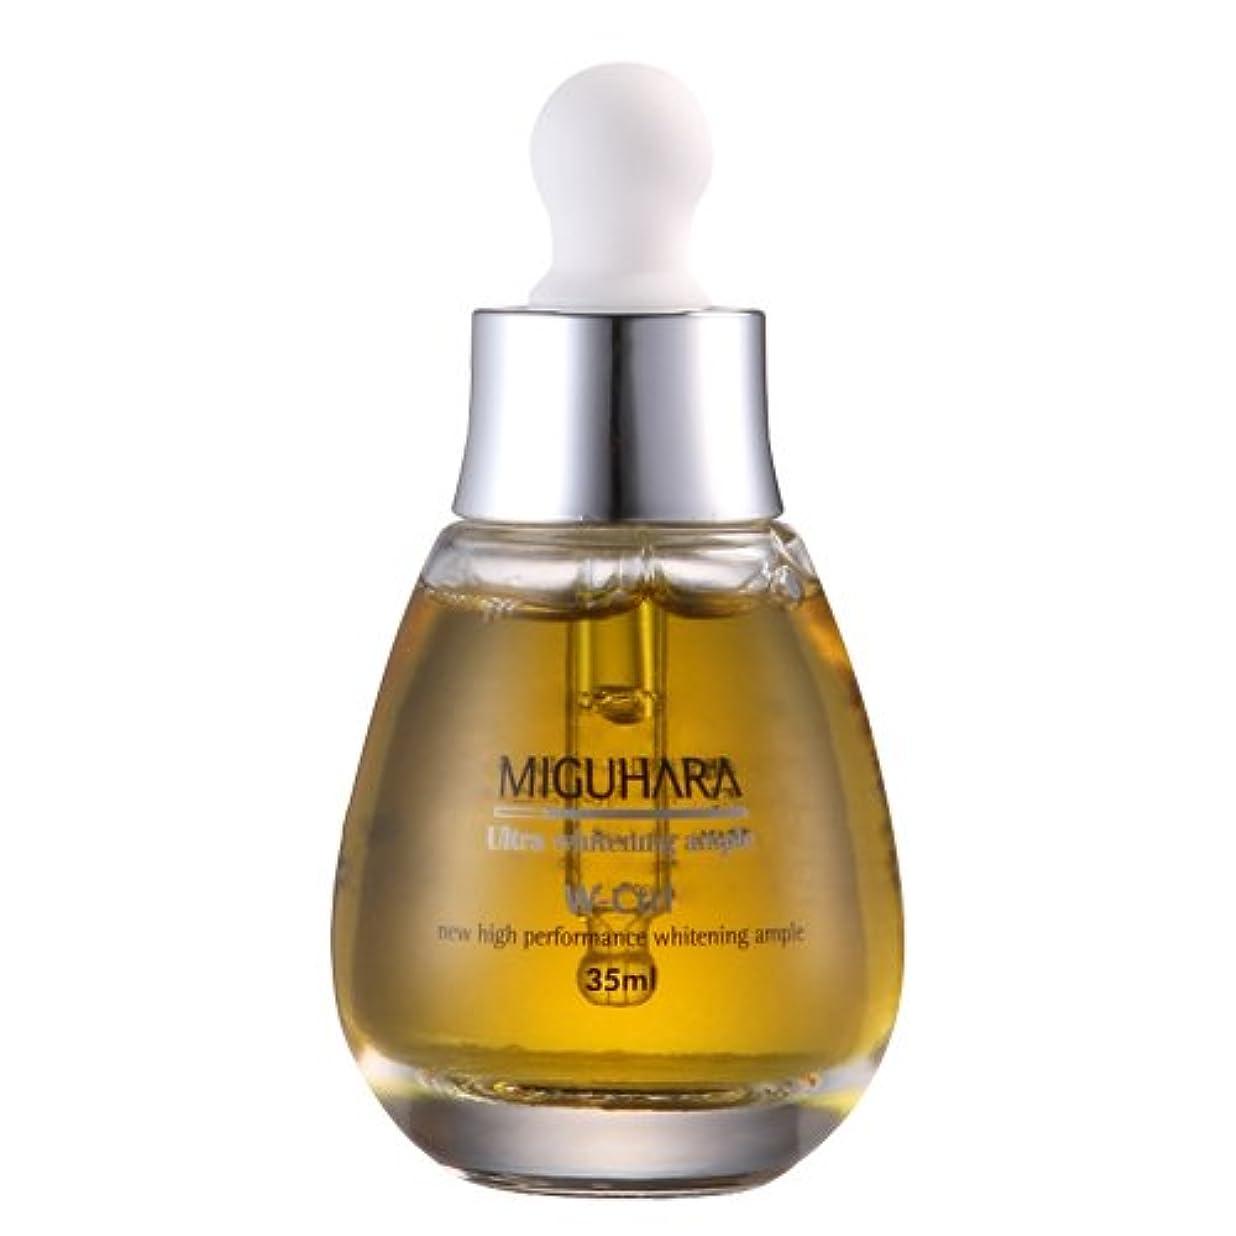 地元ご注意皿(韓国製)MIGUHARAウルトラホワイトニング豊満35ミリリットル自然化粧品Ultra Whitening Ample